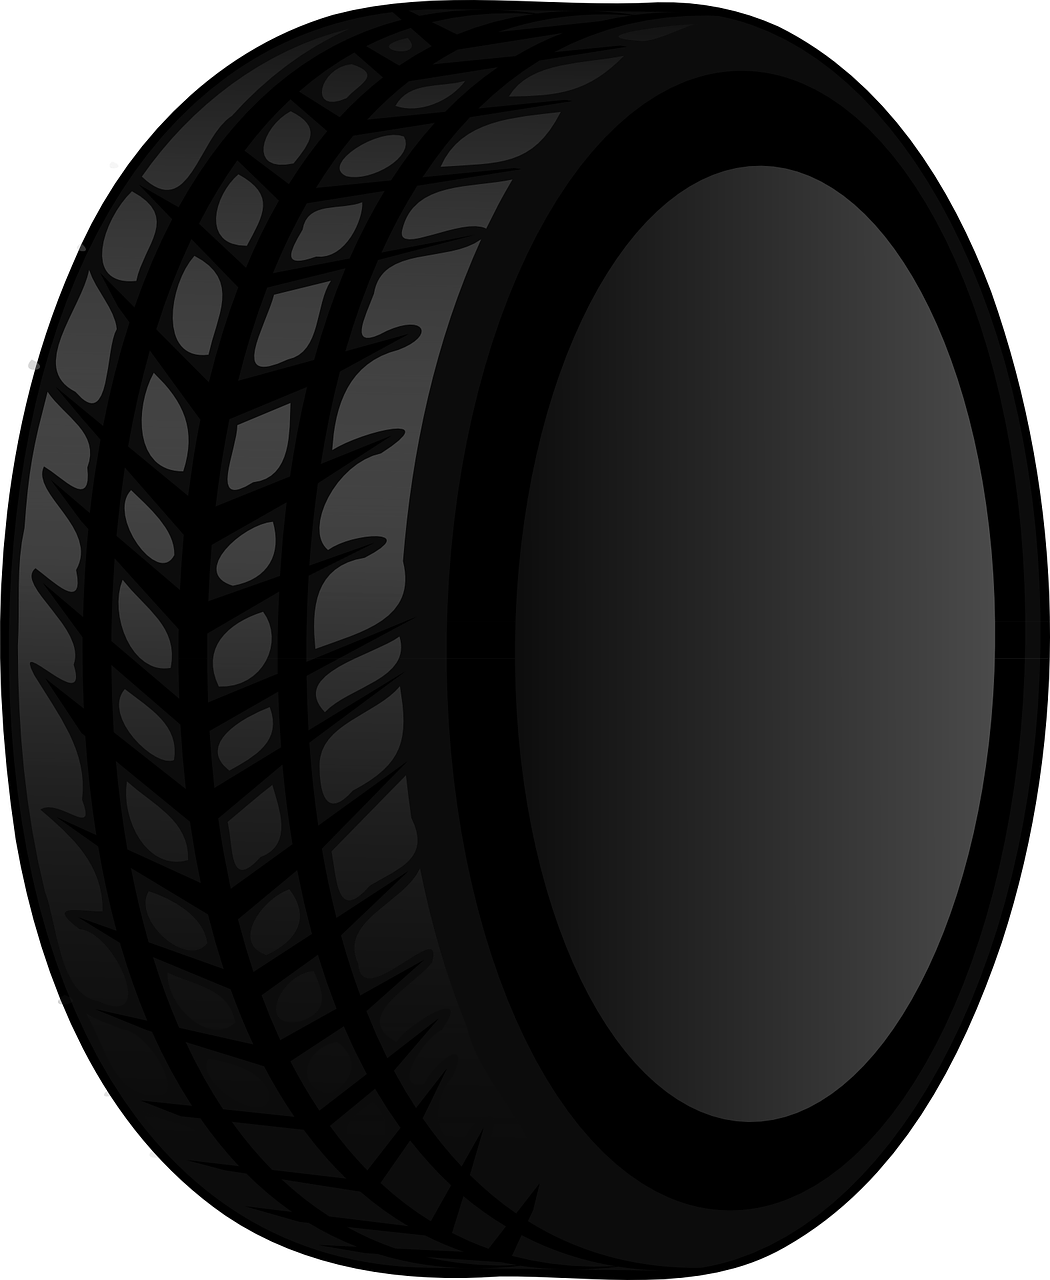 Tires clipart rubber tire Clip Tire & Free Clip